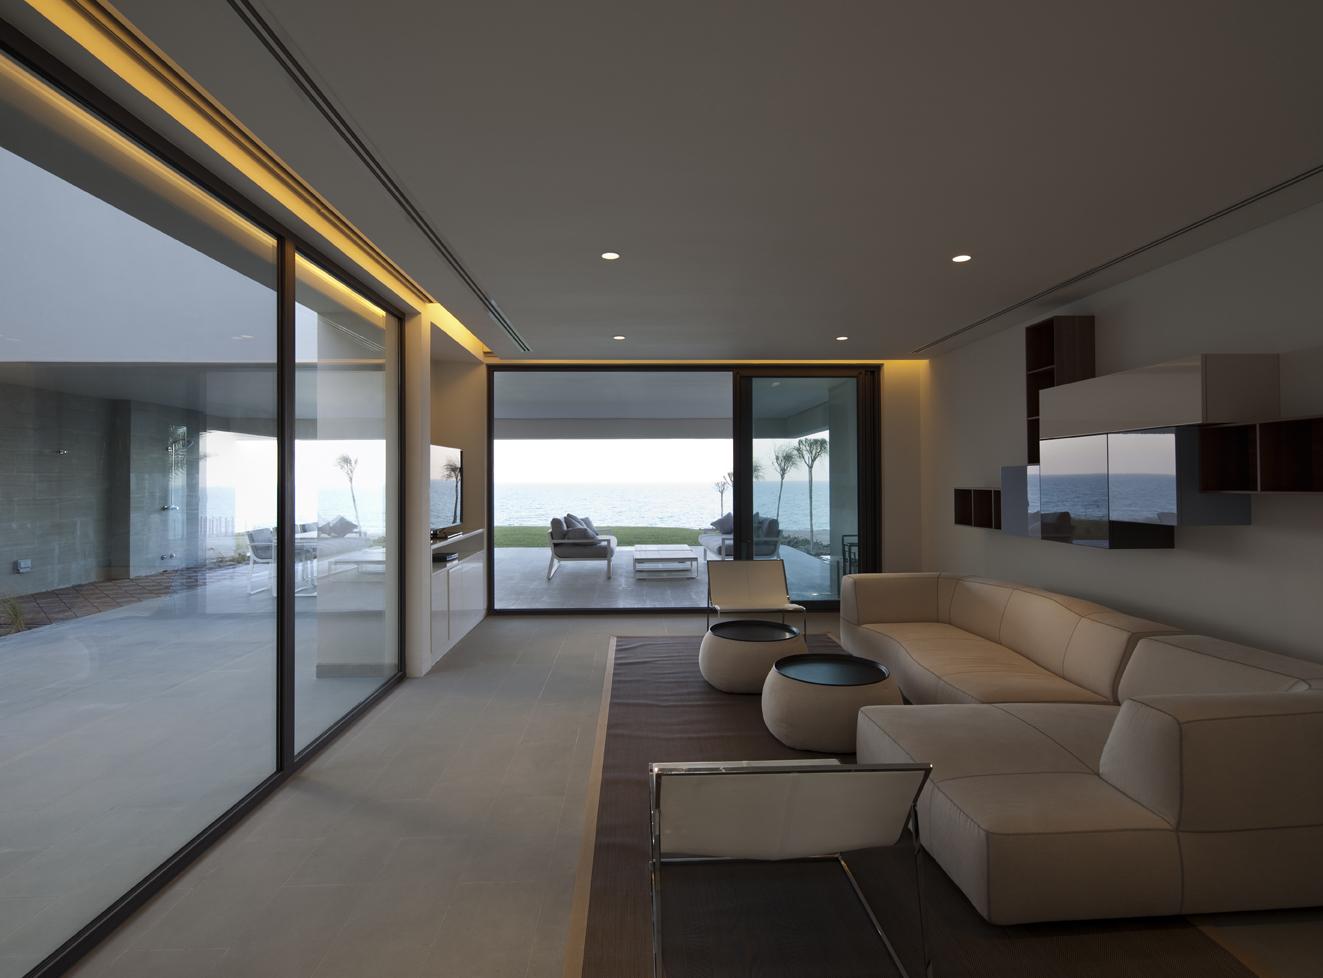 Baños Con Vista Al Mar:Casa S Cube por AGI Architects